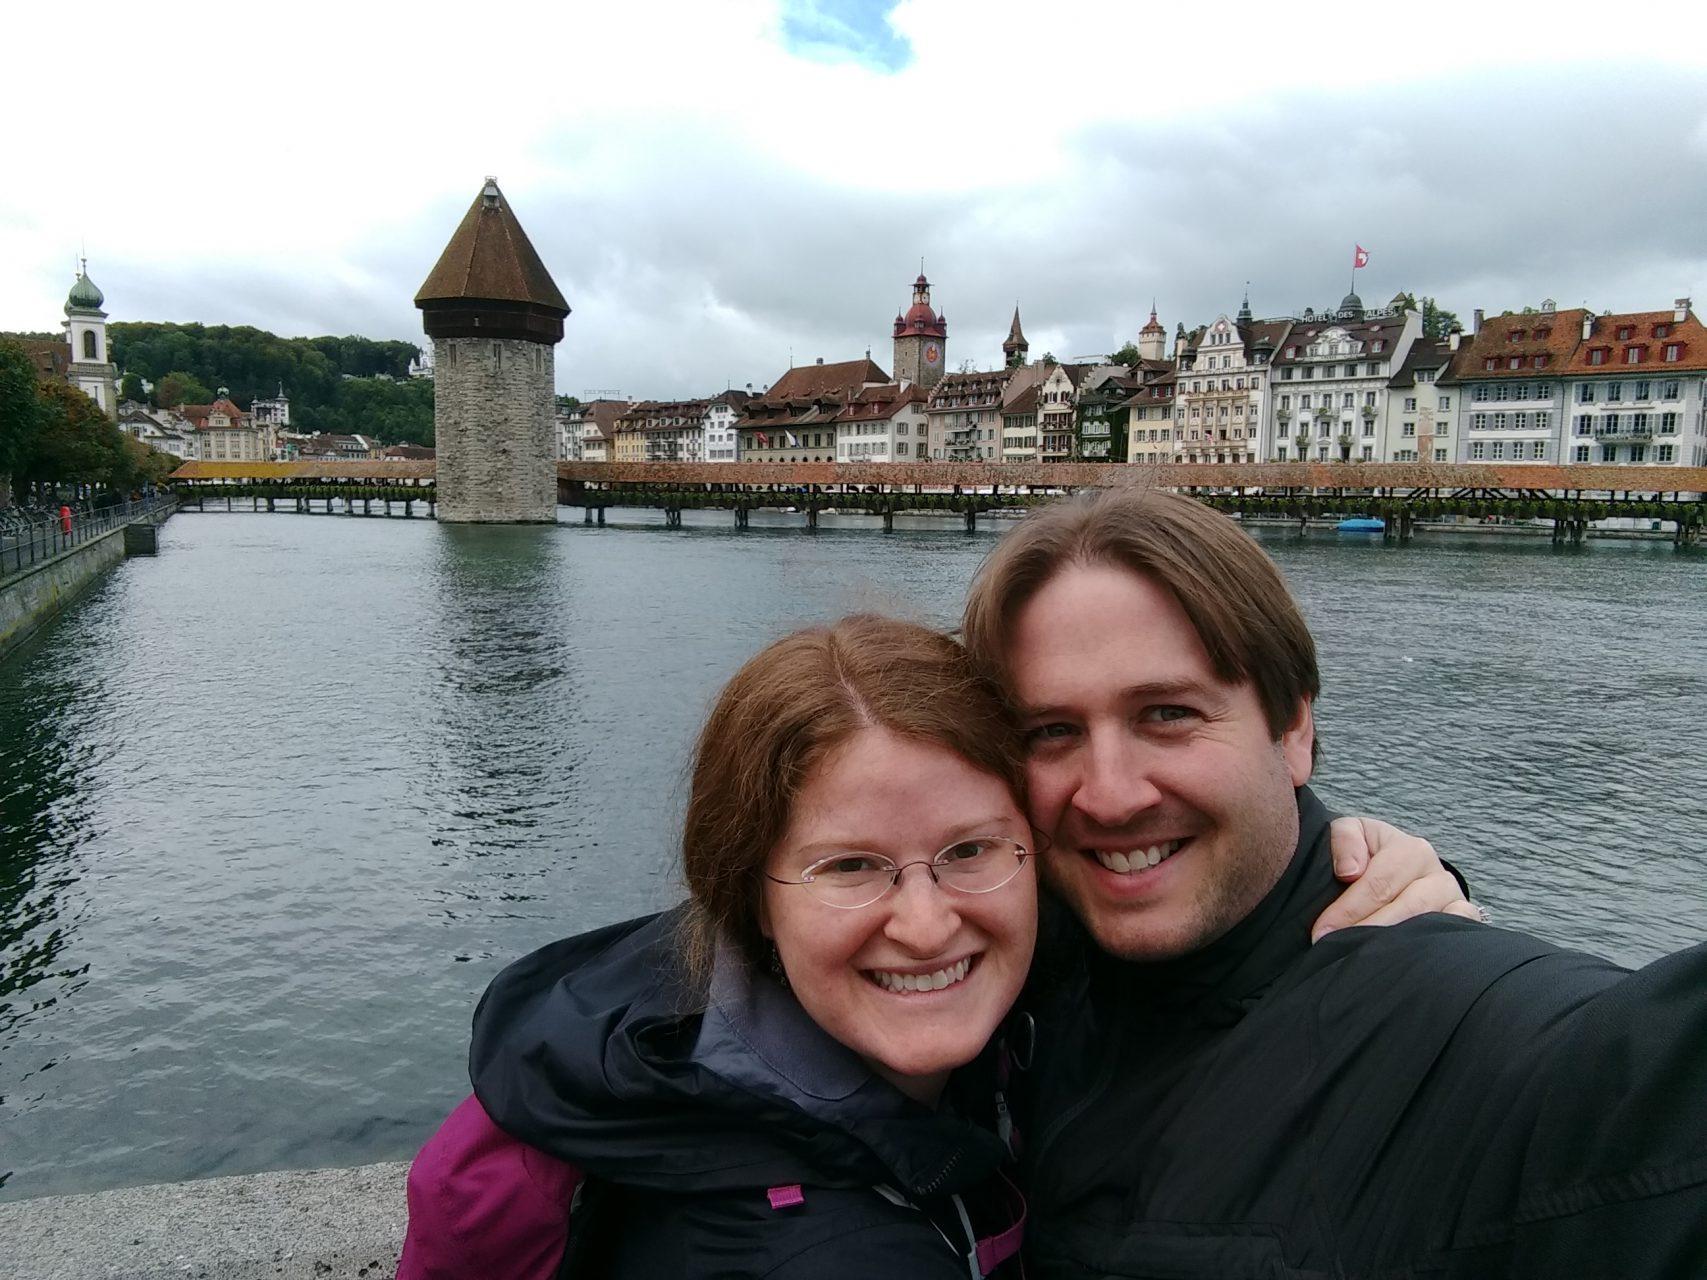 Chapel Bridge in Luzern